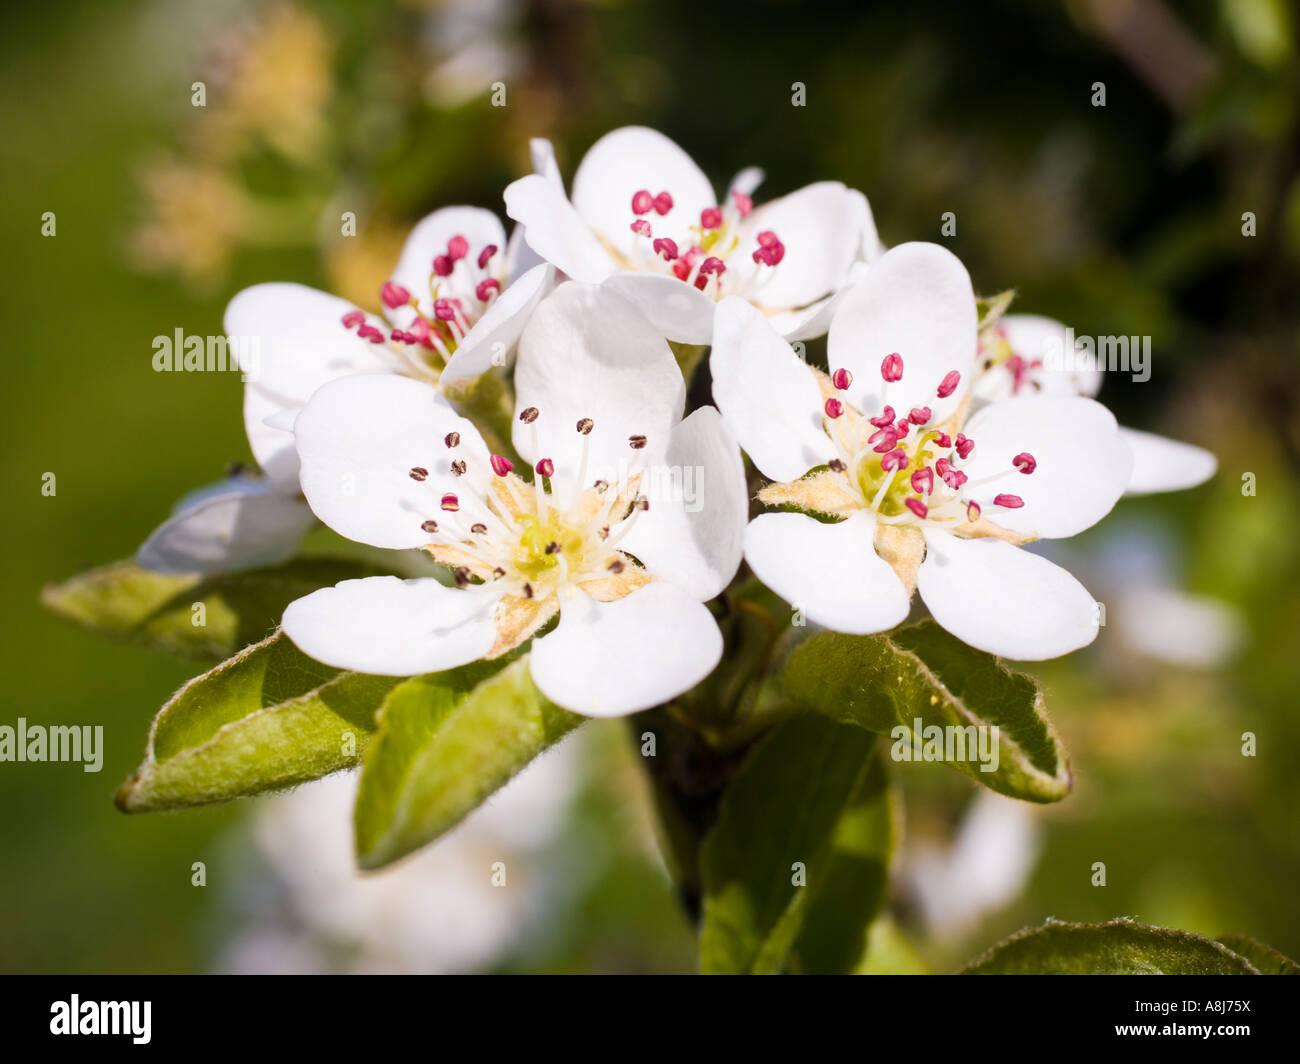 Wild cherry tree prunus avium blossom spring UK - Stock Image